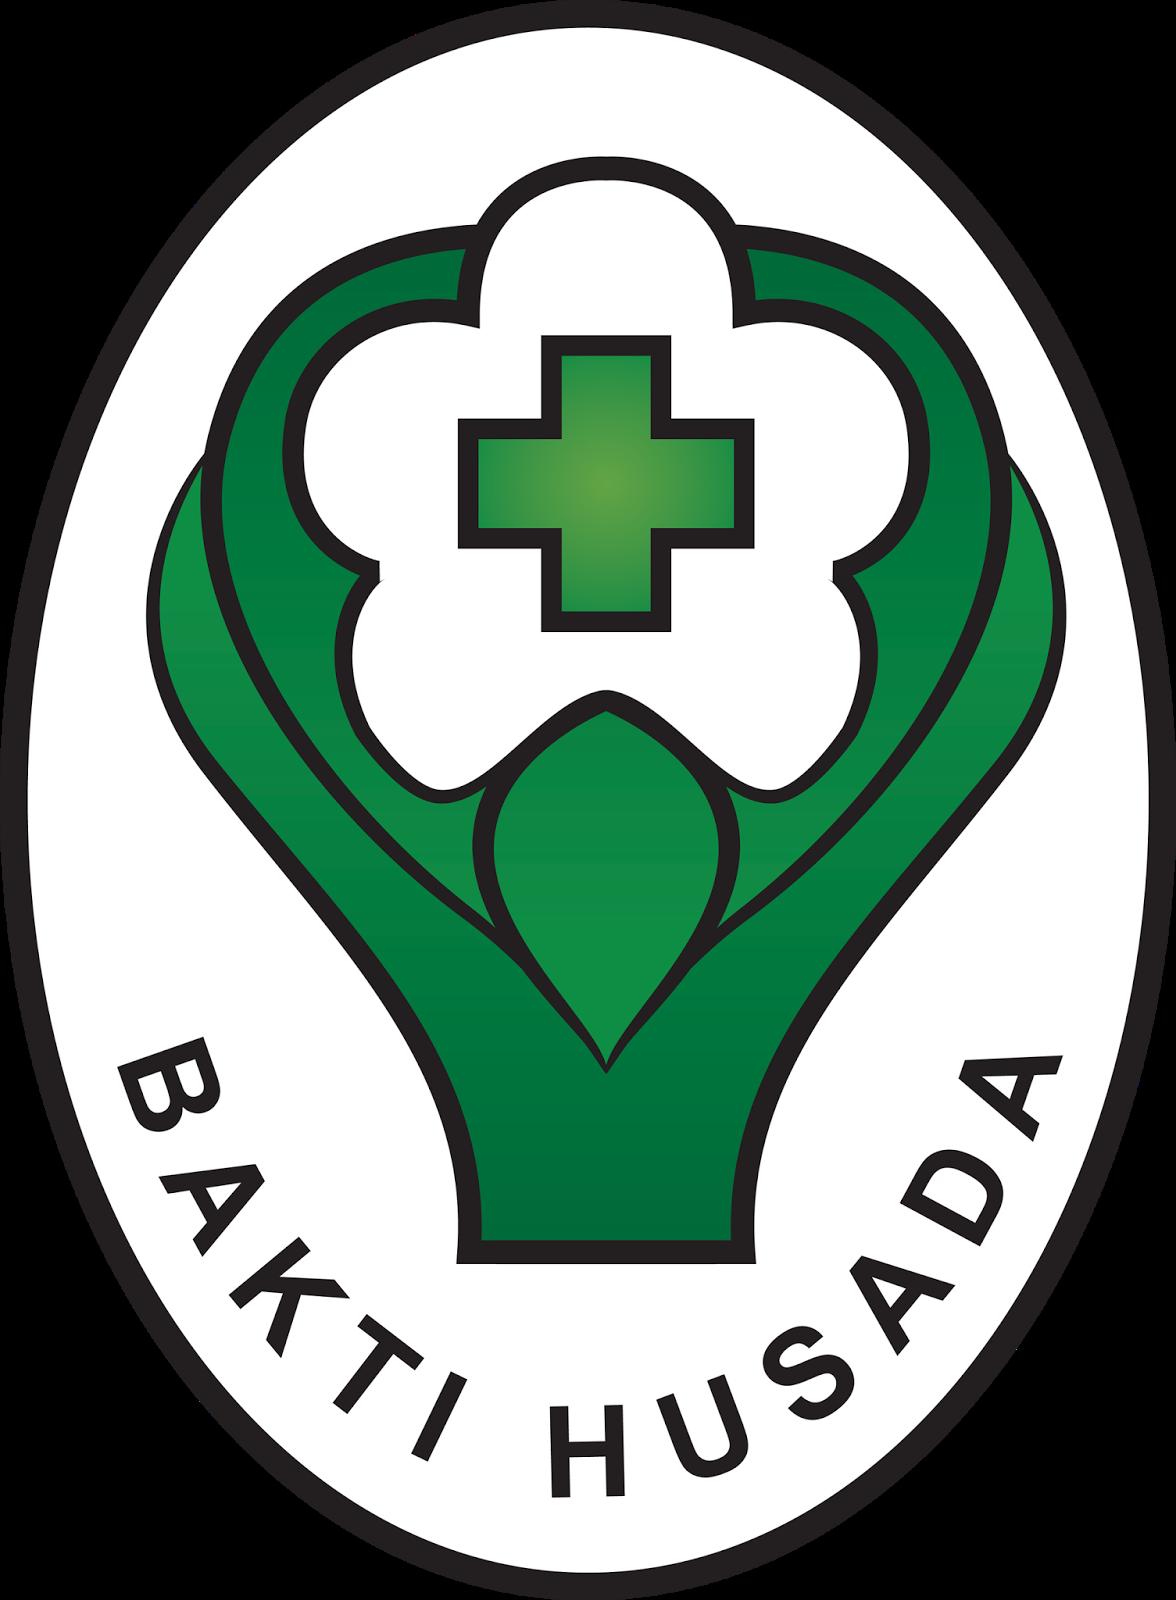 Pin oleh Adhy Blk di Logo Sma, Kesehatan